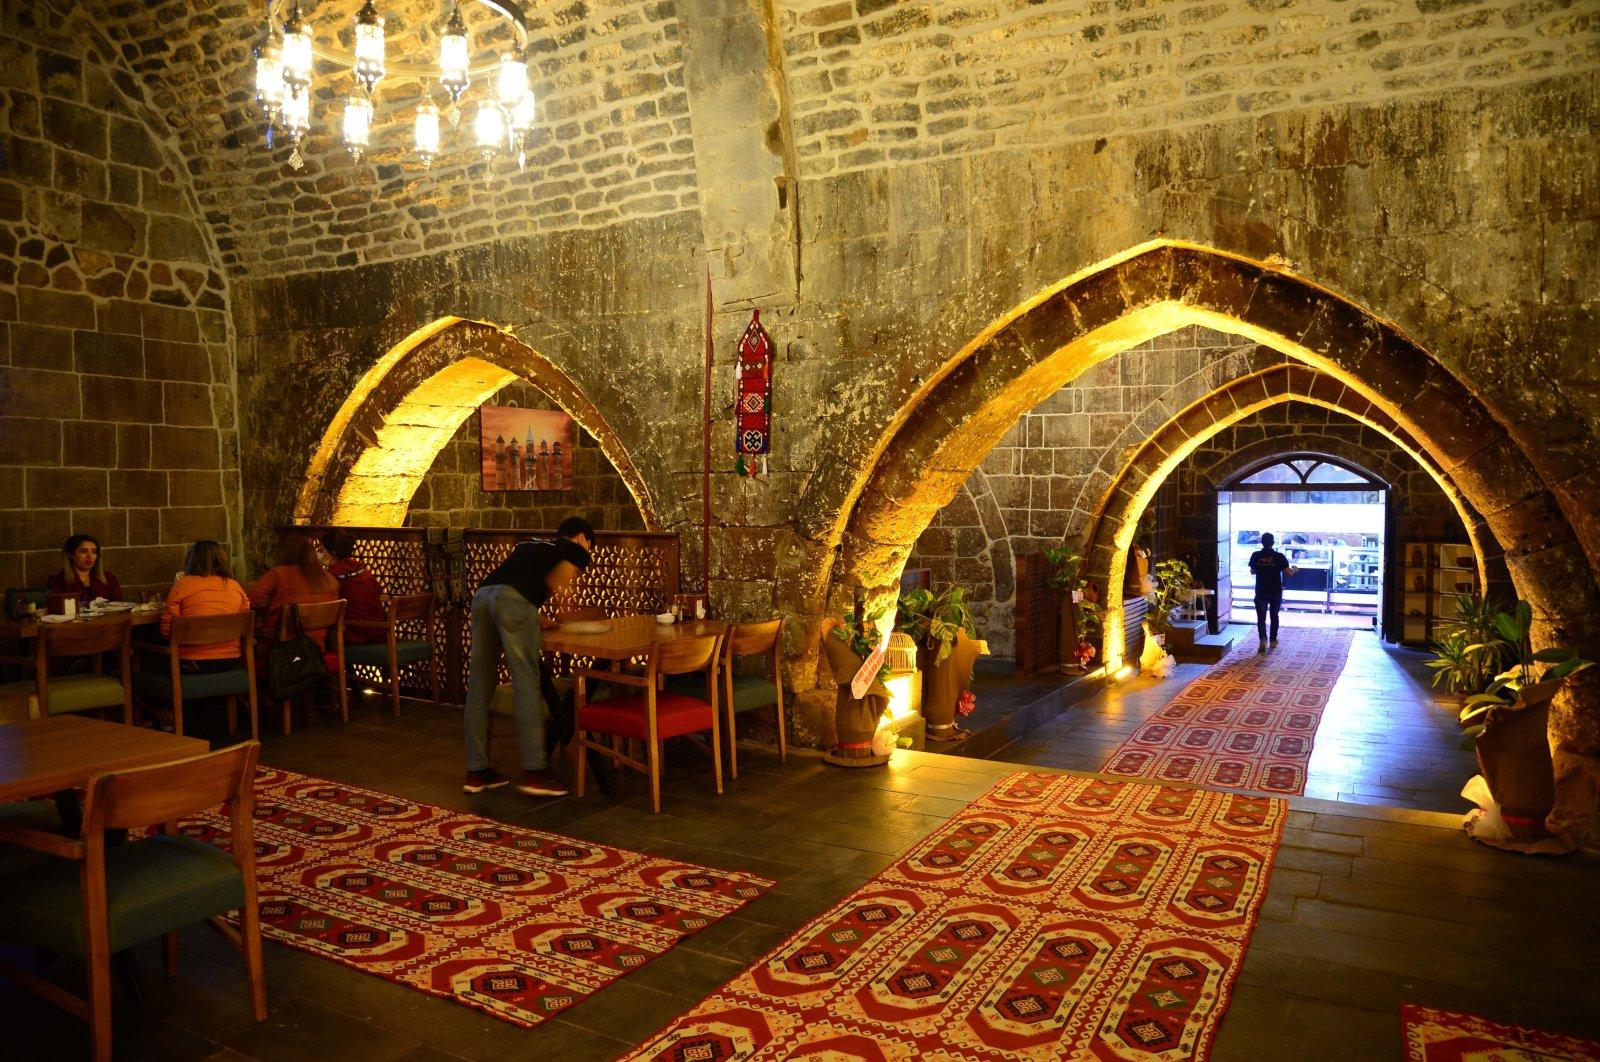 People enjoy local foods in the Başhan Inn, Bitlis, eastern Turkey, Nov. 5, 2020. (AA Photo)